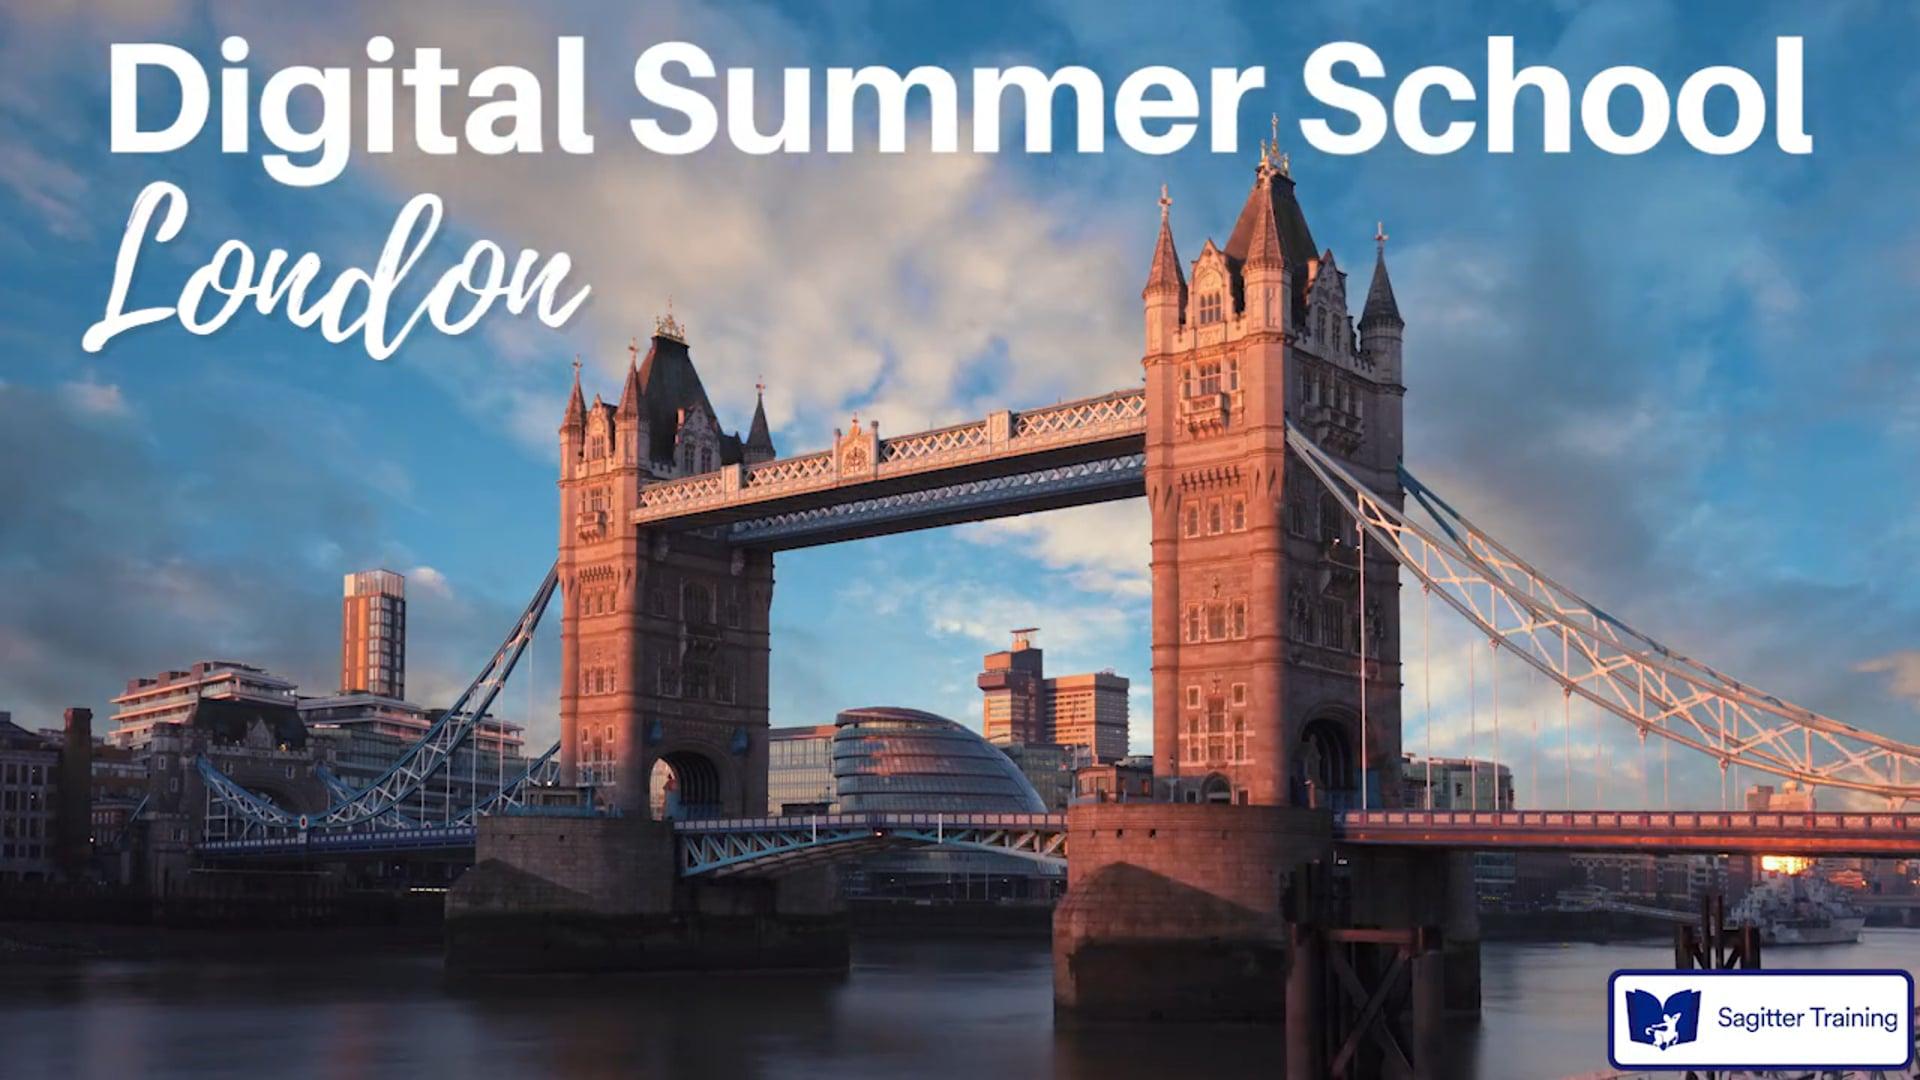 Commercial SAGITTER TRAINING Digital Summer School